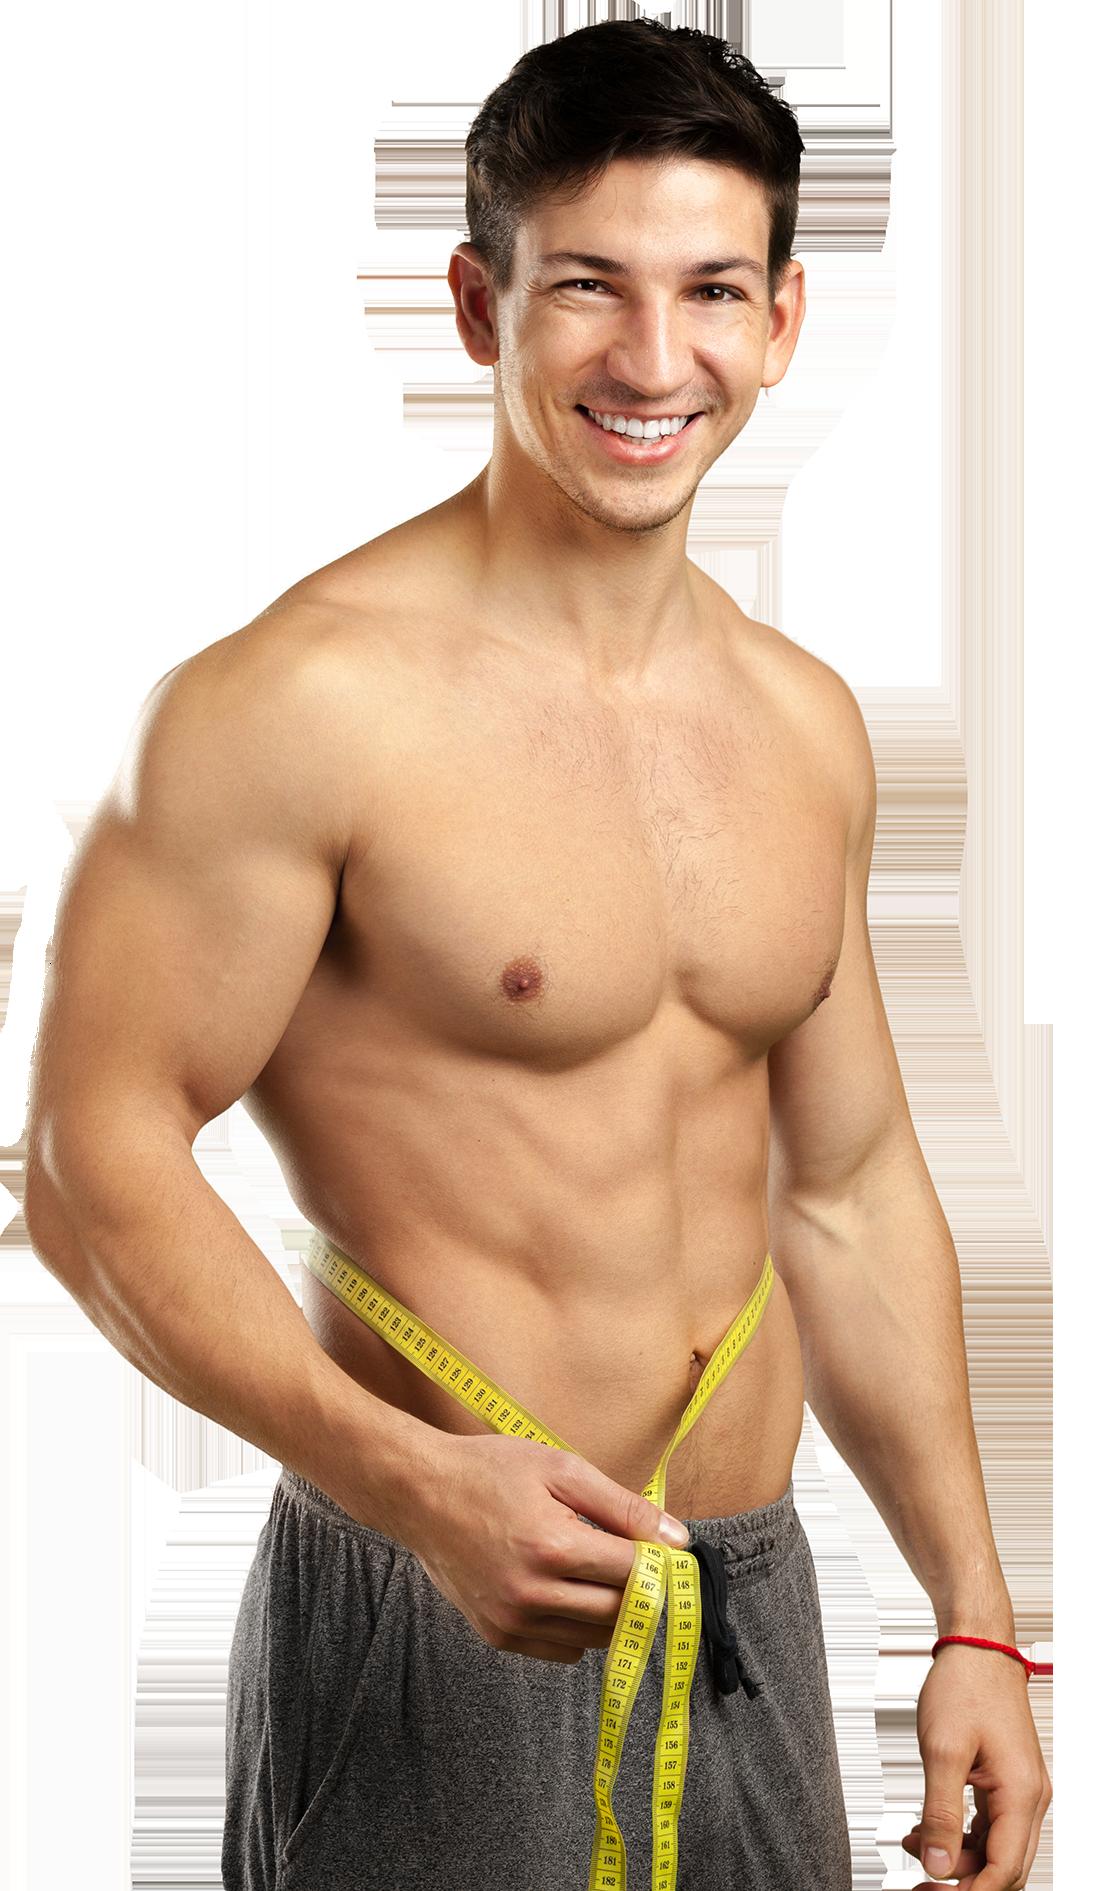 Mann mit gutem Körper